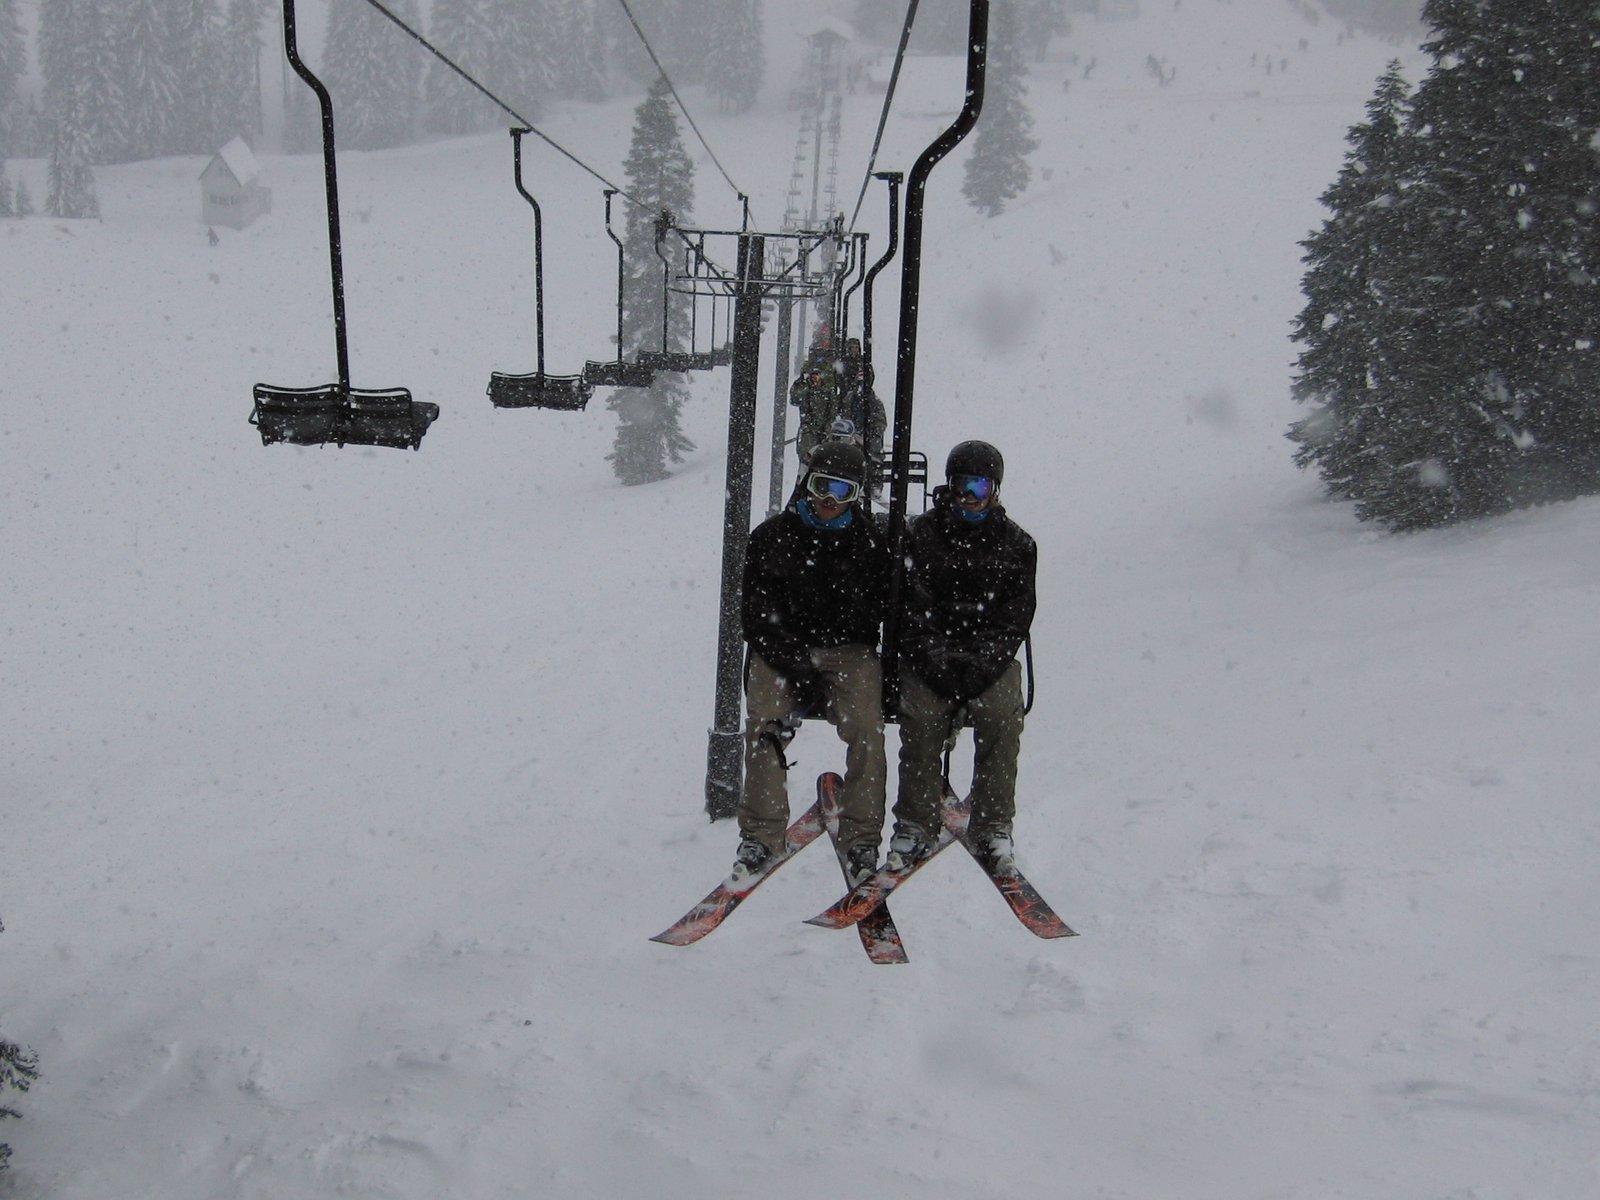 Nick and Ryan